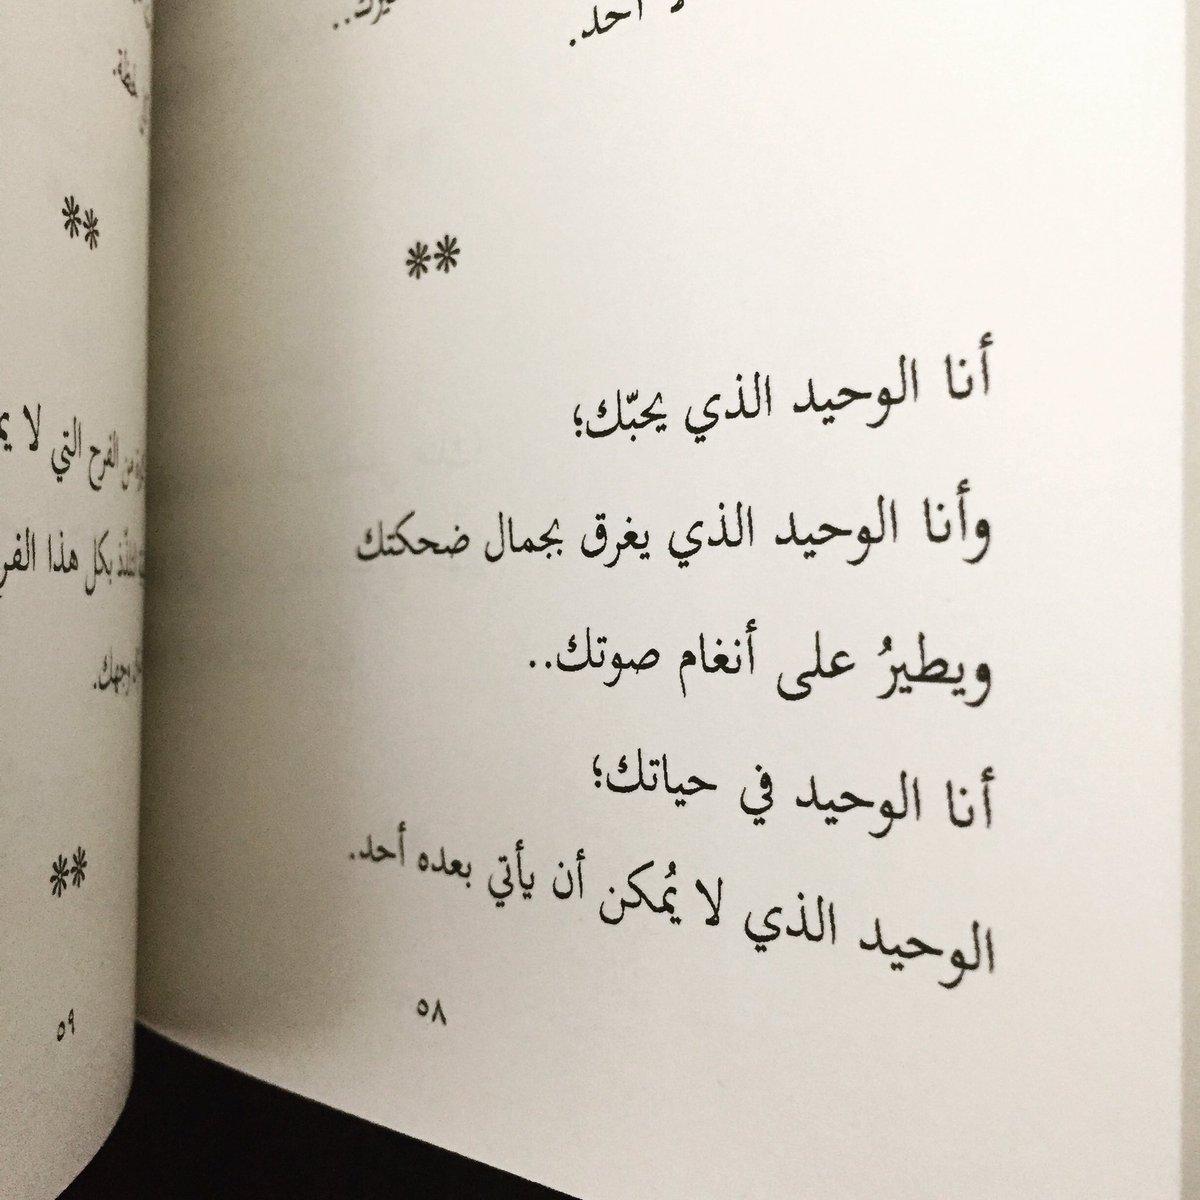 بالصور شعر حب وشوق , الحب والشوق بين ابيات الشعر 3875 8